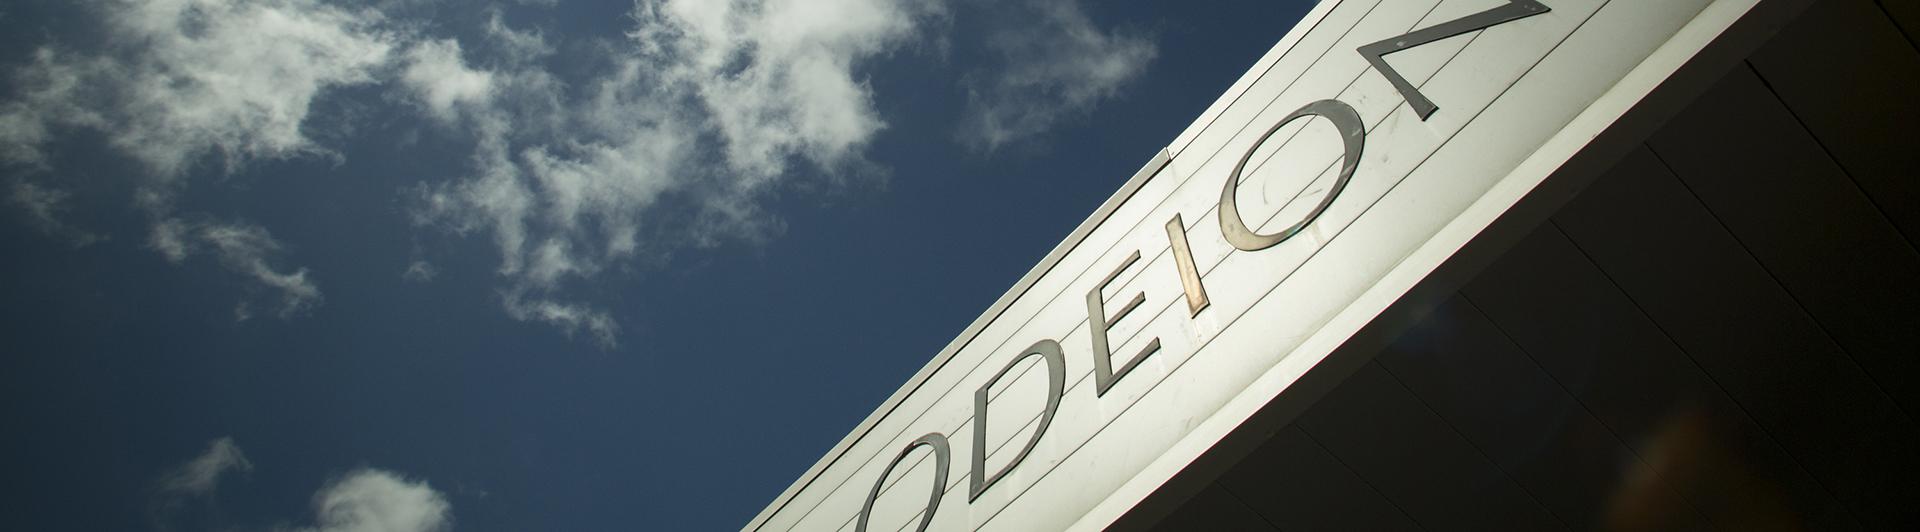 Odeion